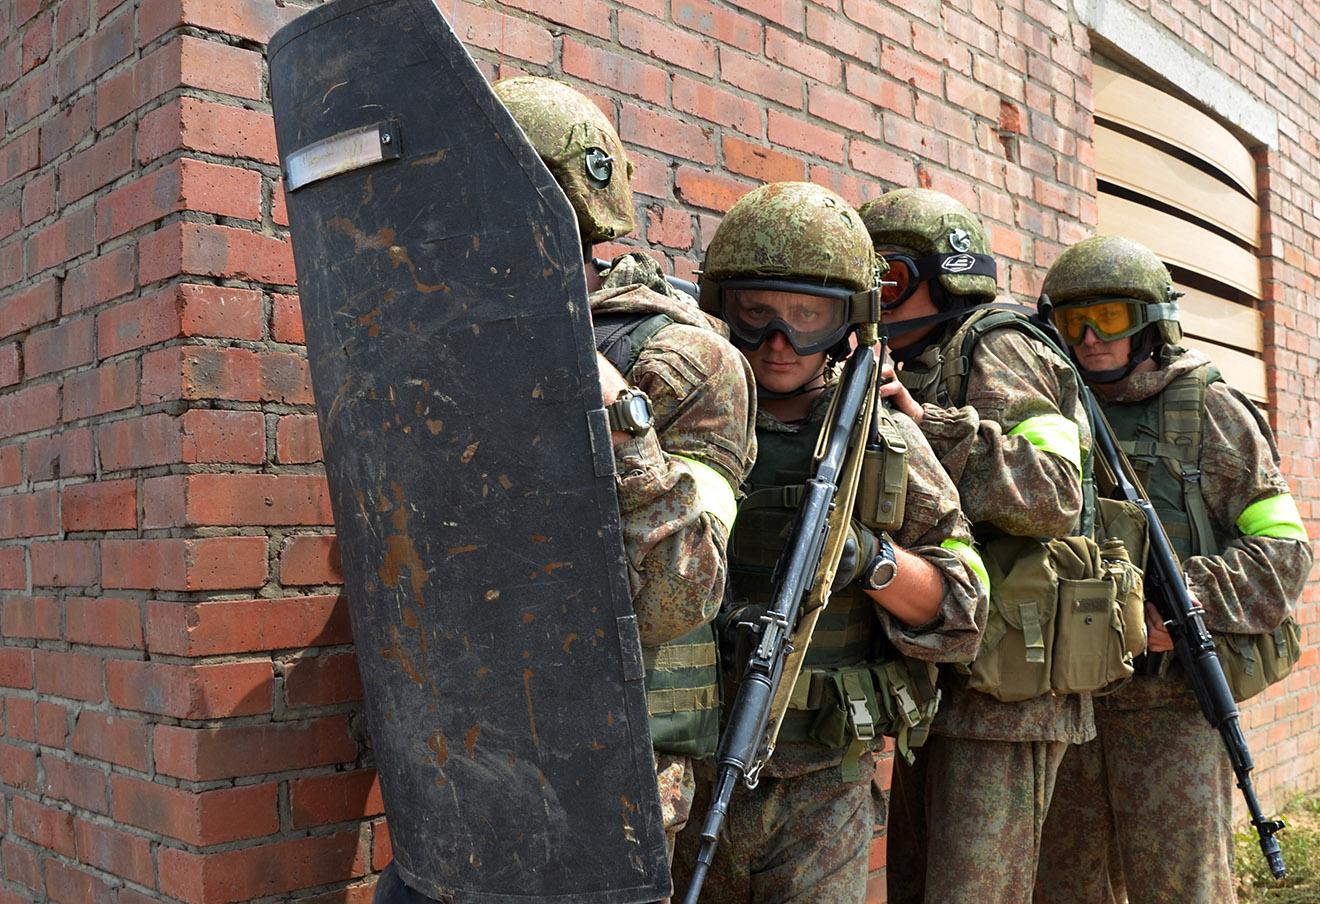 Совместные антитеррористические учения Росгвардии и Минобороны РФ. Фото: Дмитрий Рогулин / ТАСС